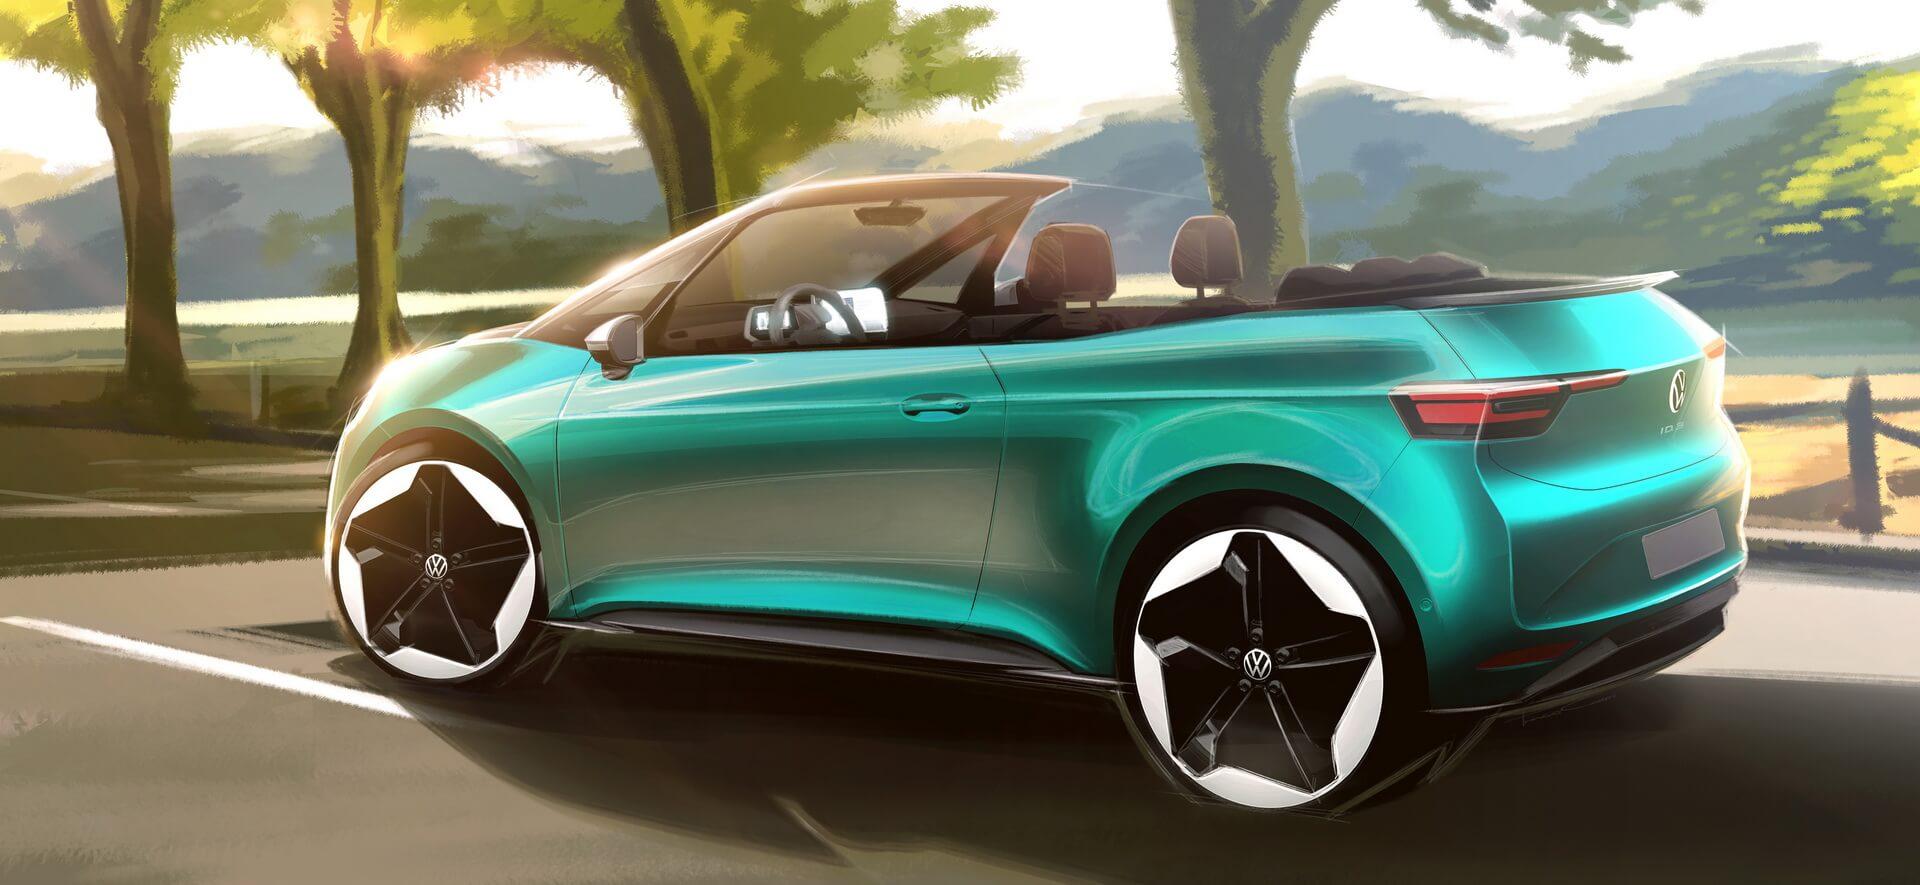 Volkswagen может начать разработку кабриолета на базе ID.3